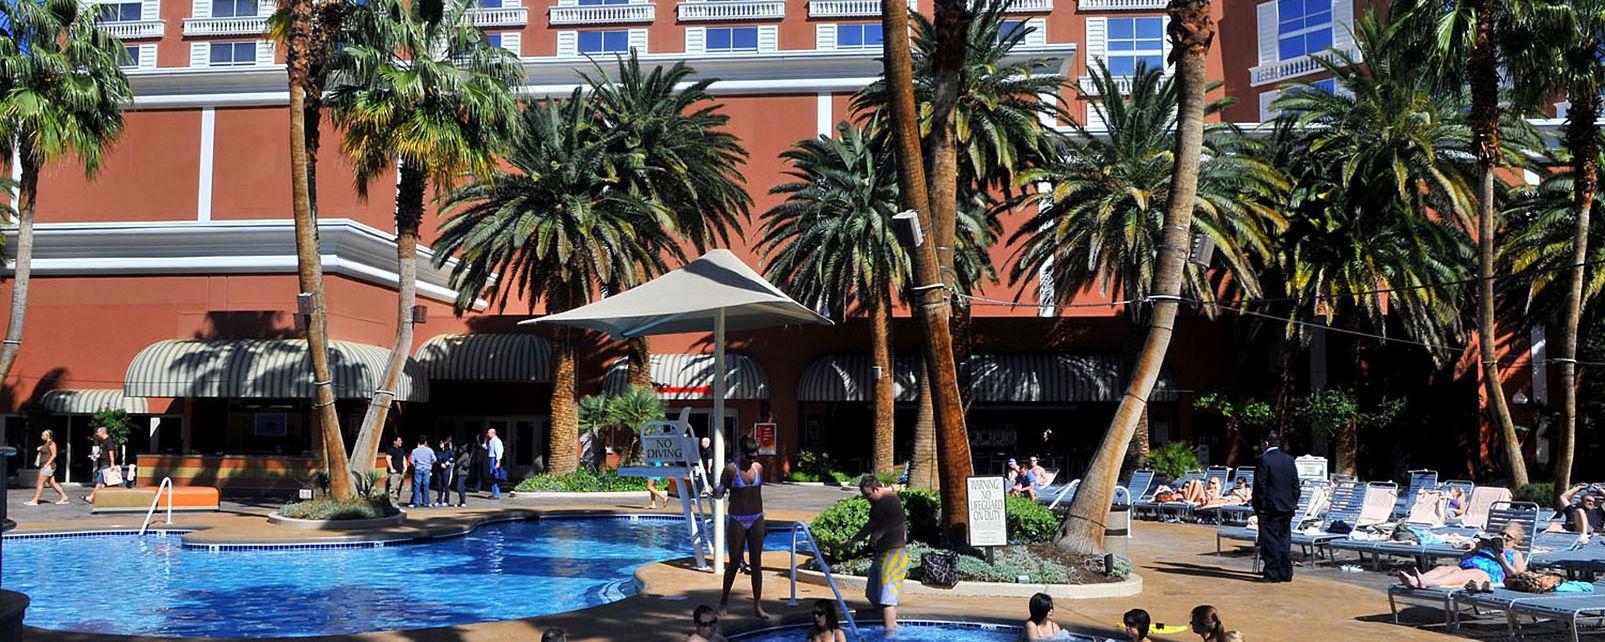 Hotel Ti Treasure Island And Casino In